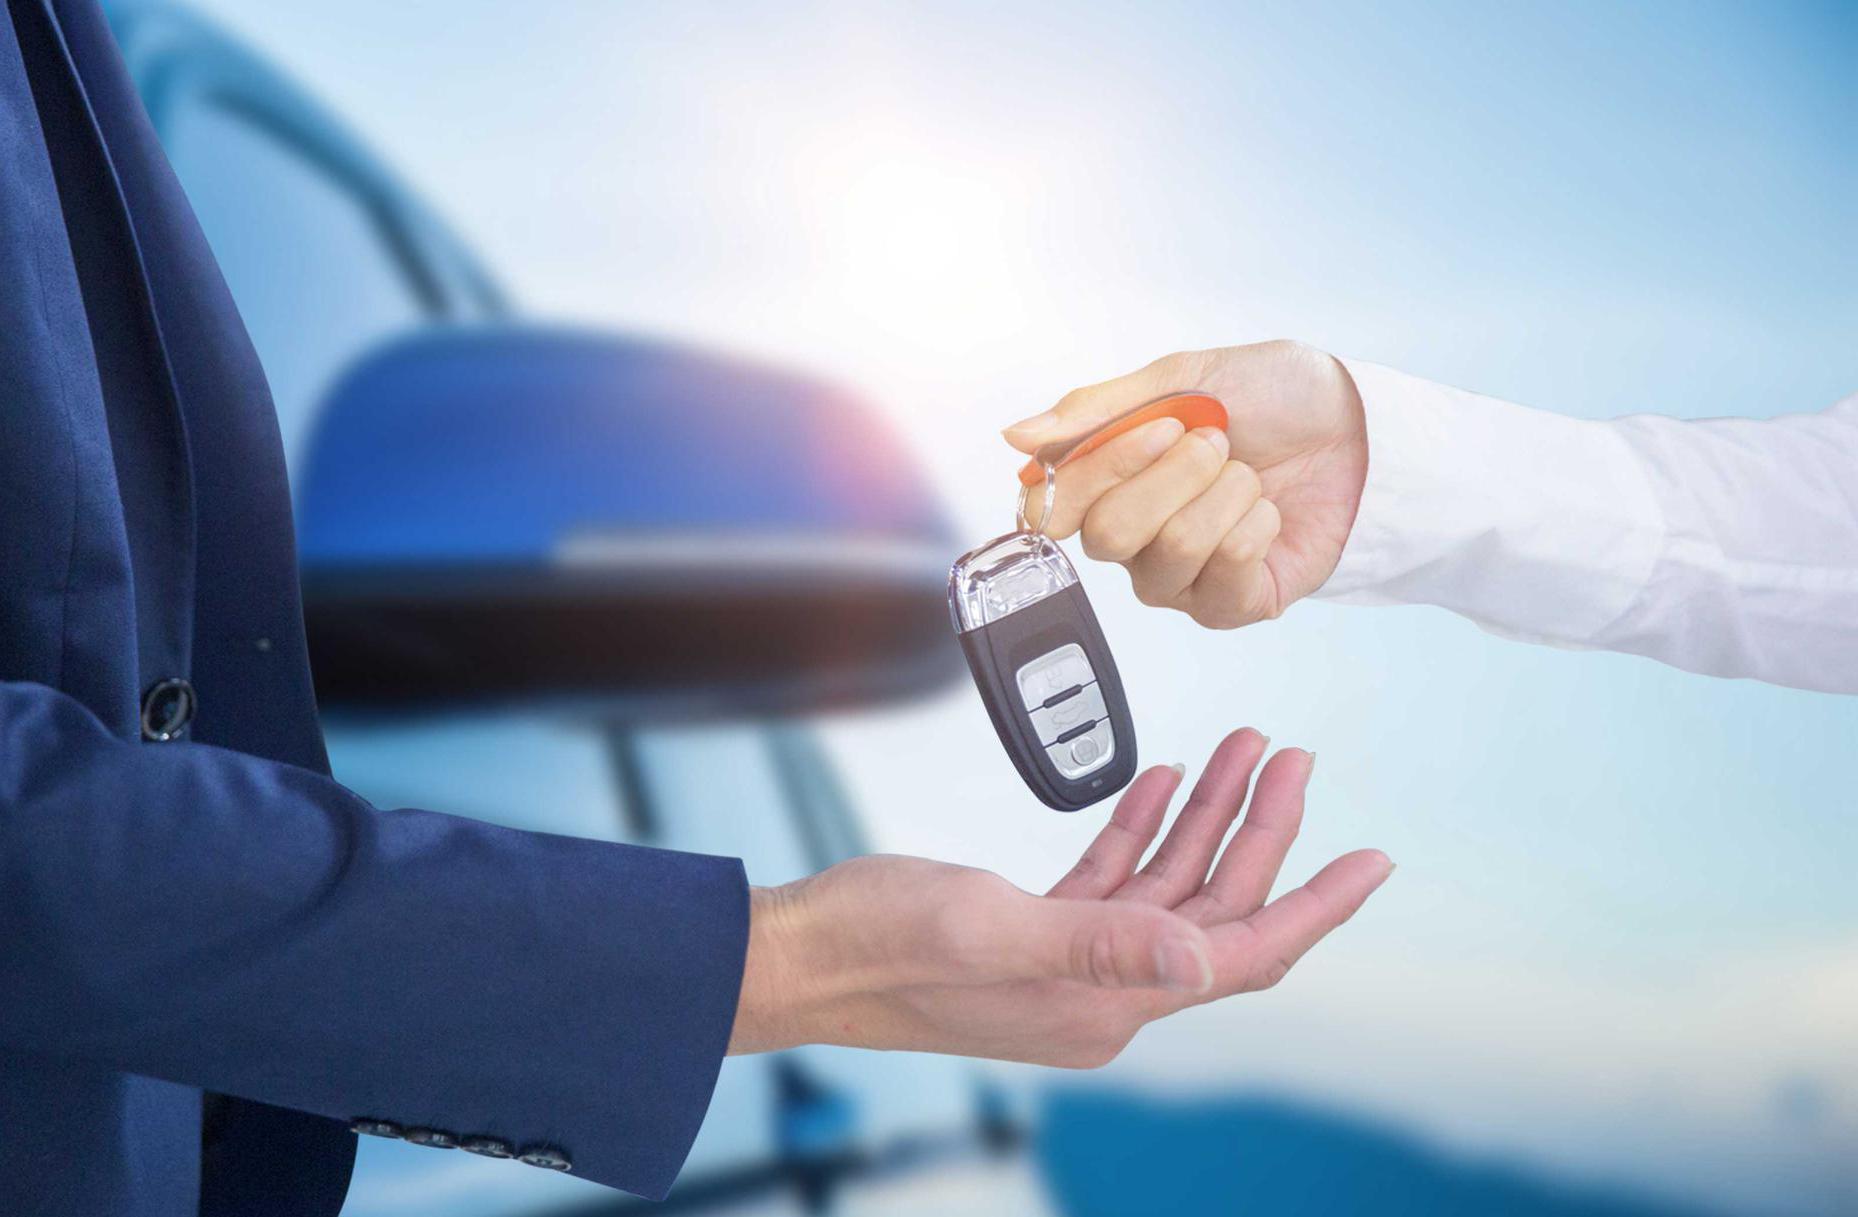 成立首年融资过亿,微信创始成员用小程序打入汽车下沉市场